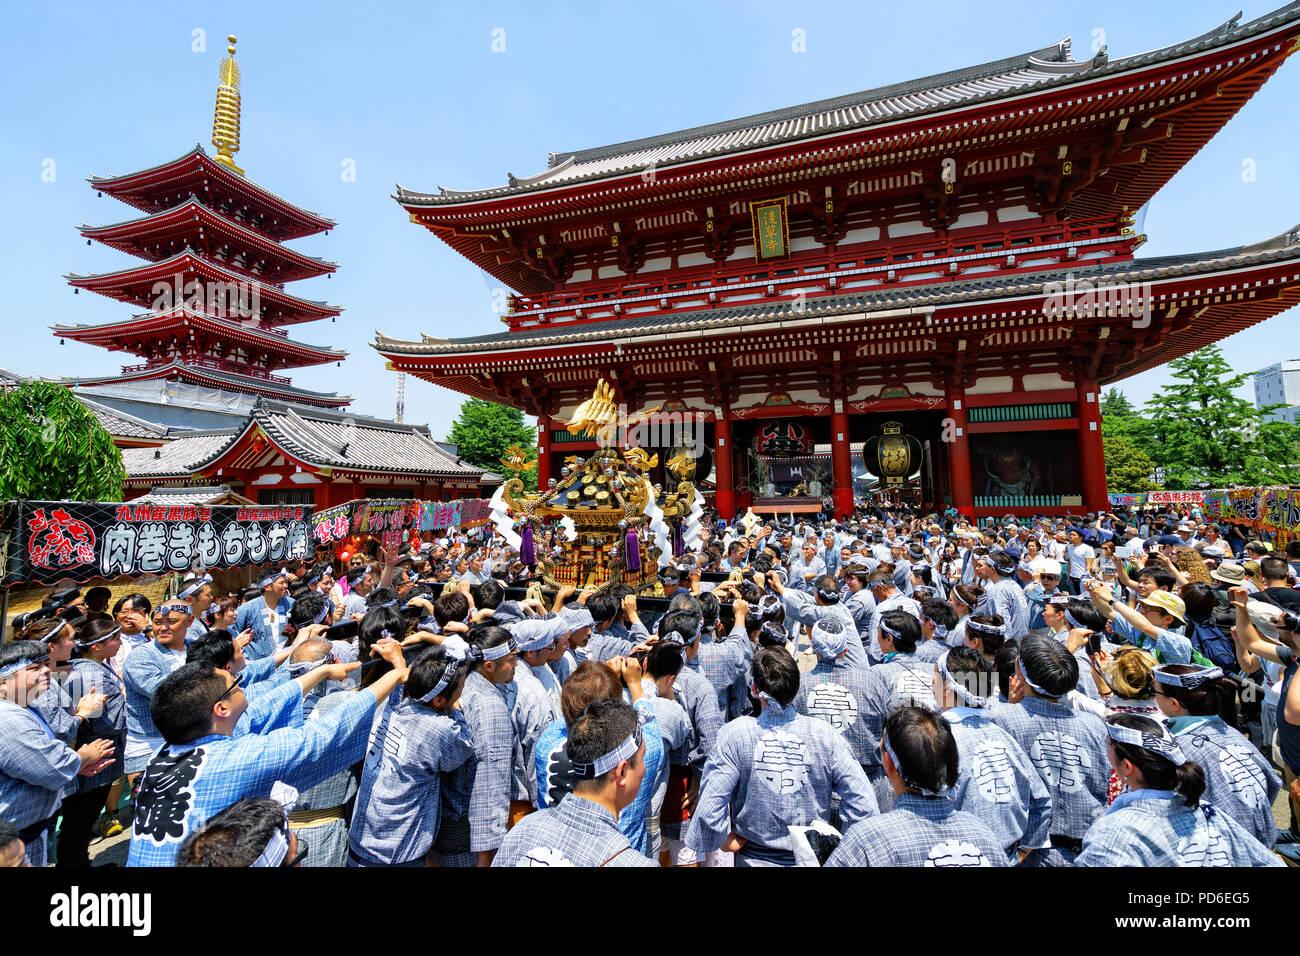 L'île de Honshu, Japon, Tokyo, Kanto, le Sanja matsuri. Photo Stock